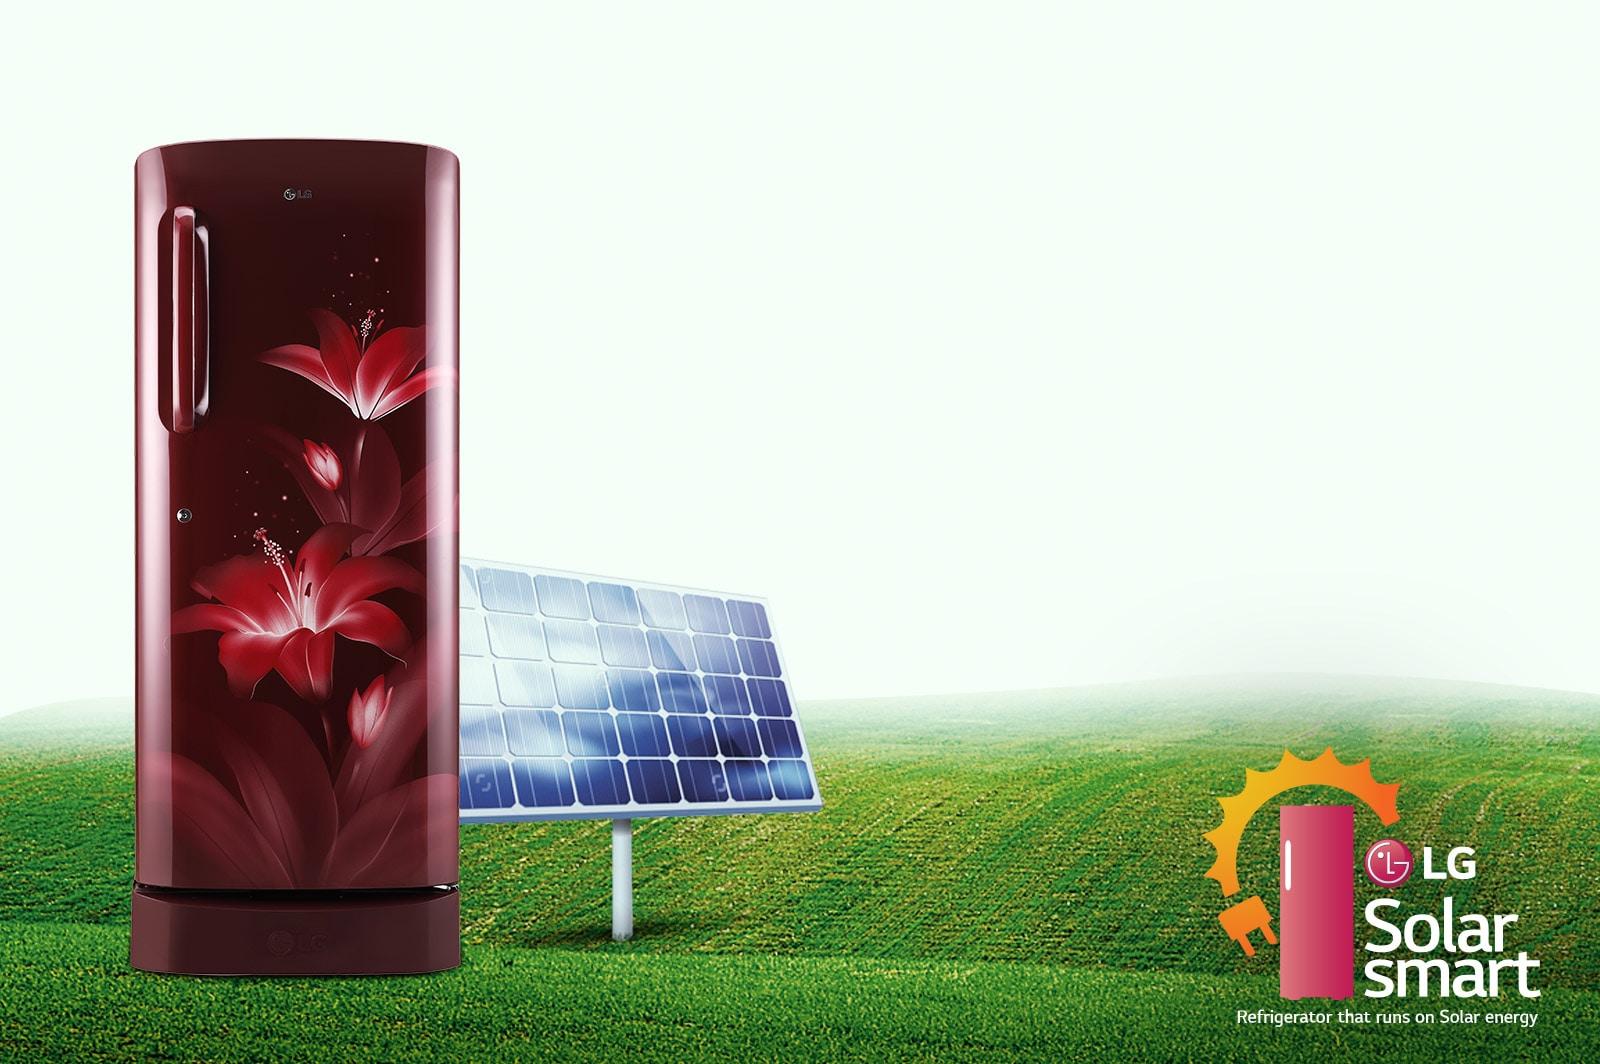 LG GL-B221ASCY 215 ltr solar smart